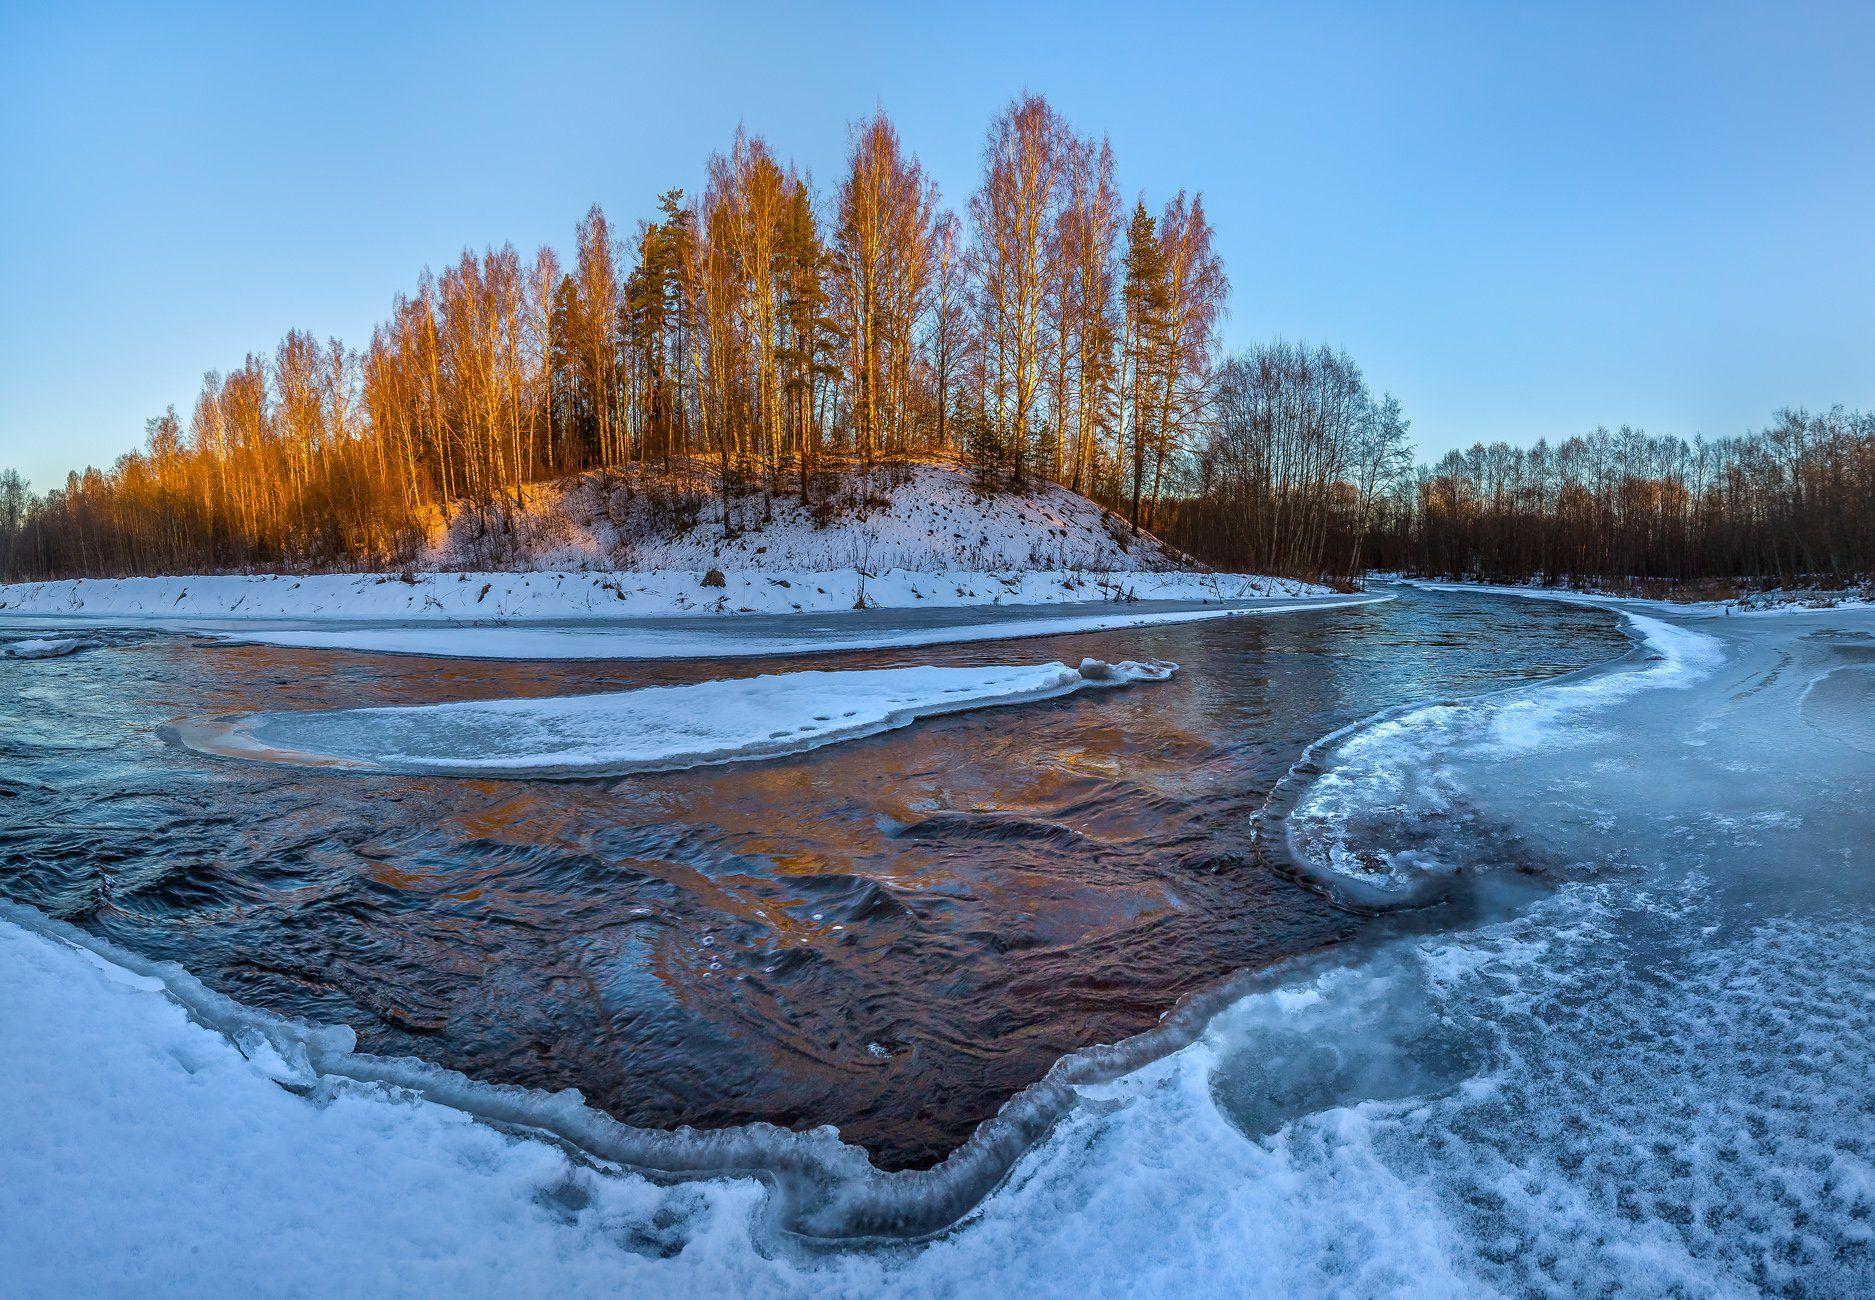 ленинградская область, зима, рассвет, лёд, река вруда, лес, берег, берёзы, вода, течение, Лашков Фёдор